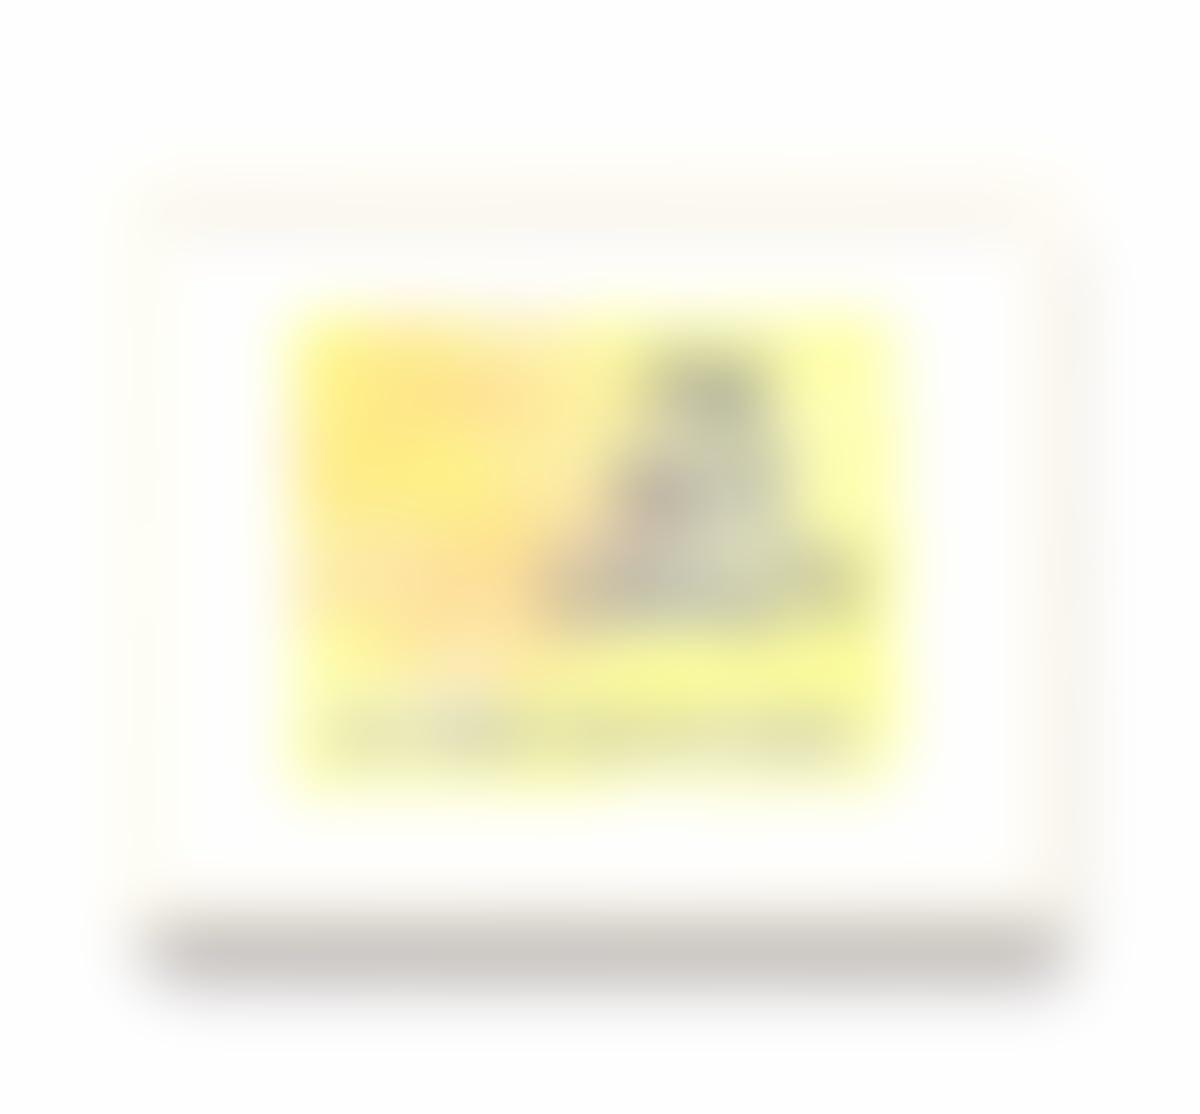 Amazon.com: Original I\'m Not Crazy Art Print Sheldon Cooper Big Bang ...